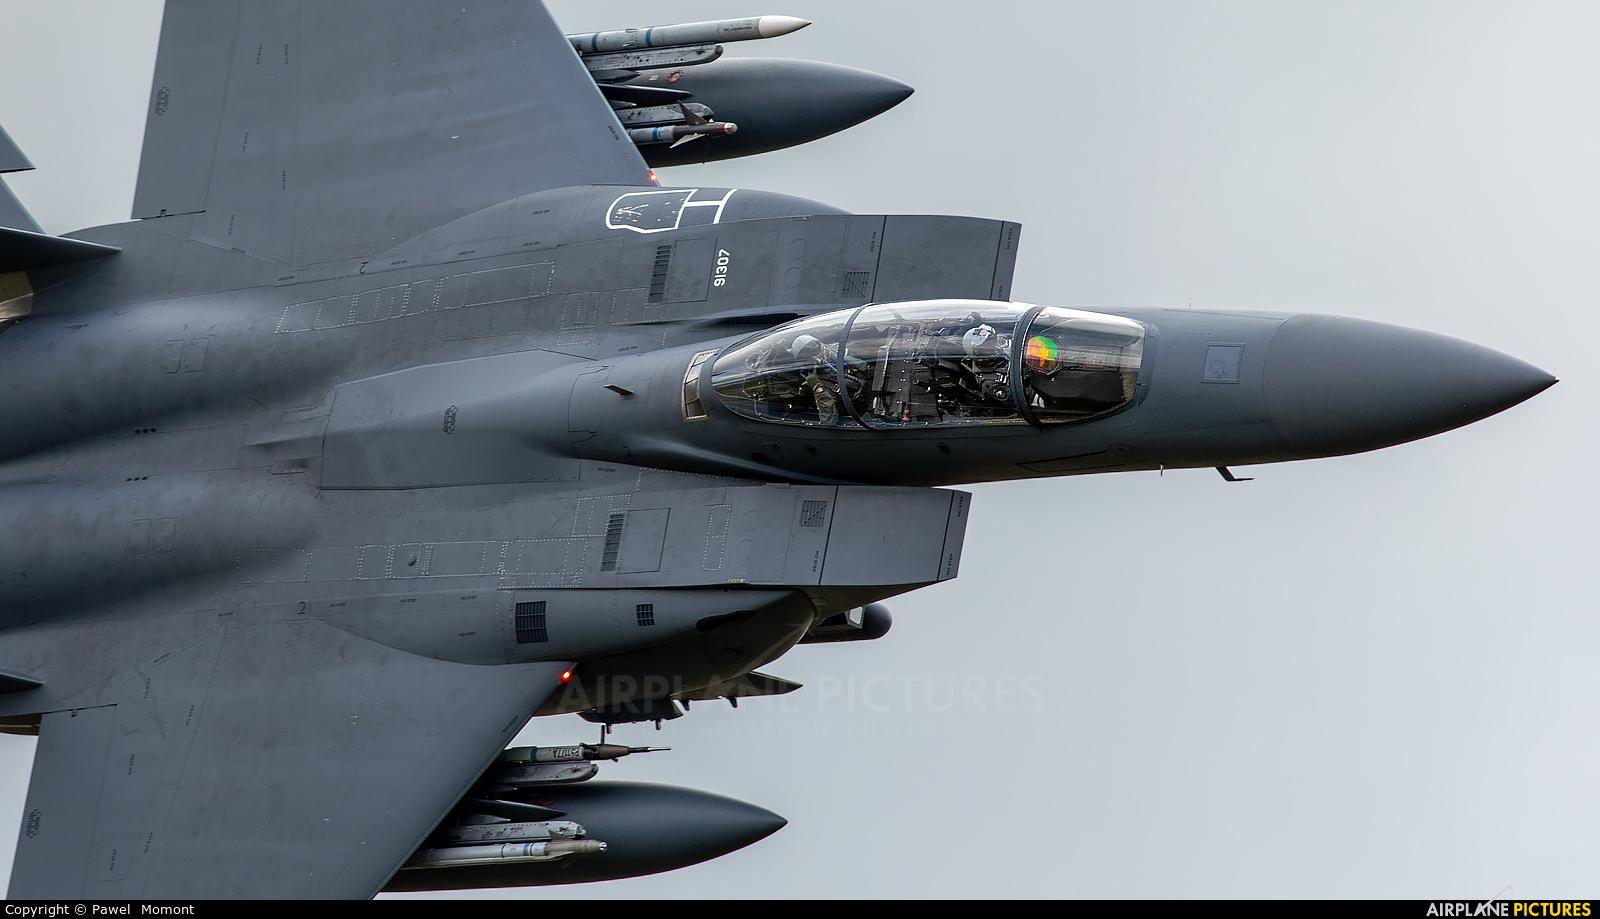 USA - Air Force 91-0307 aircraft at Machynlleth LFA7